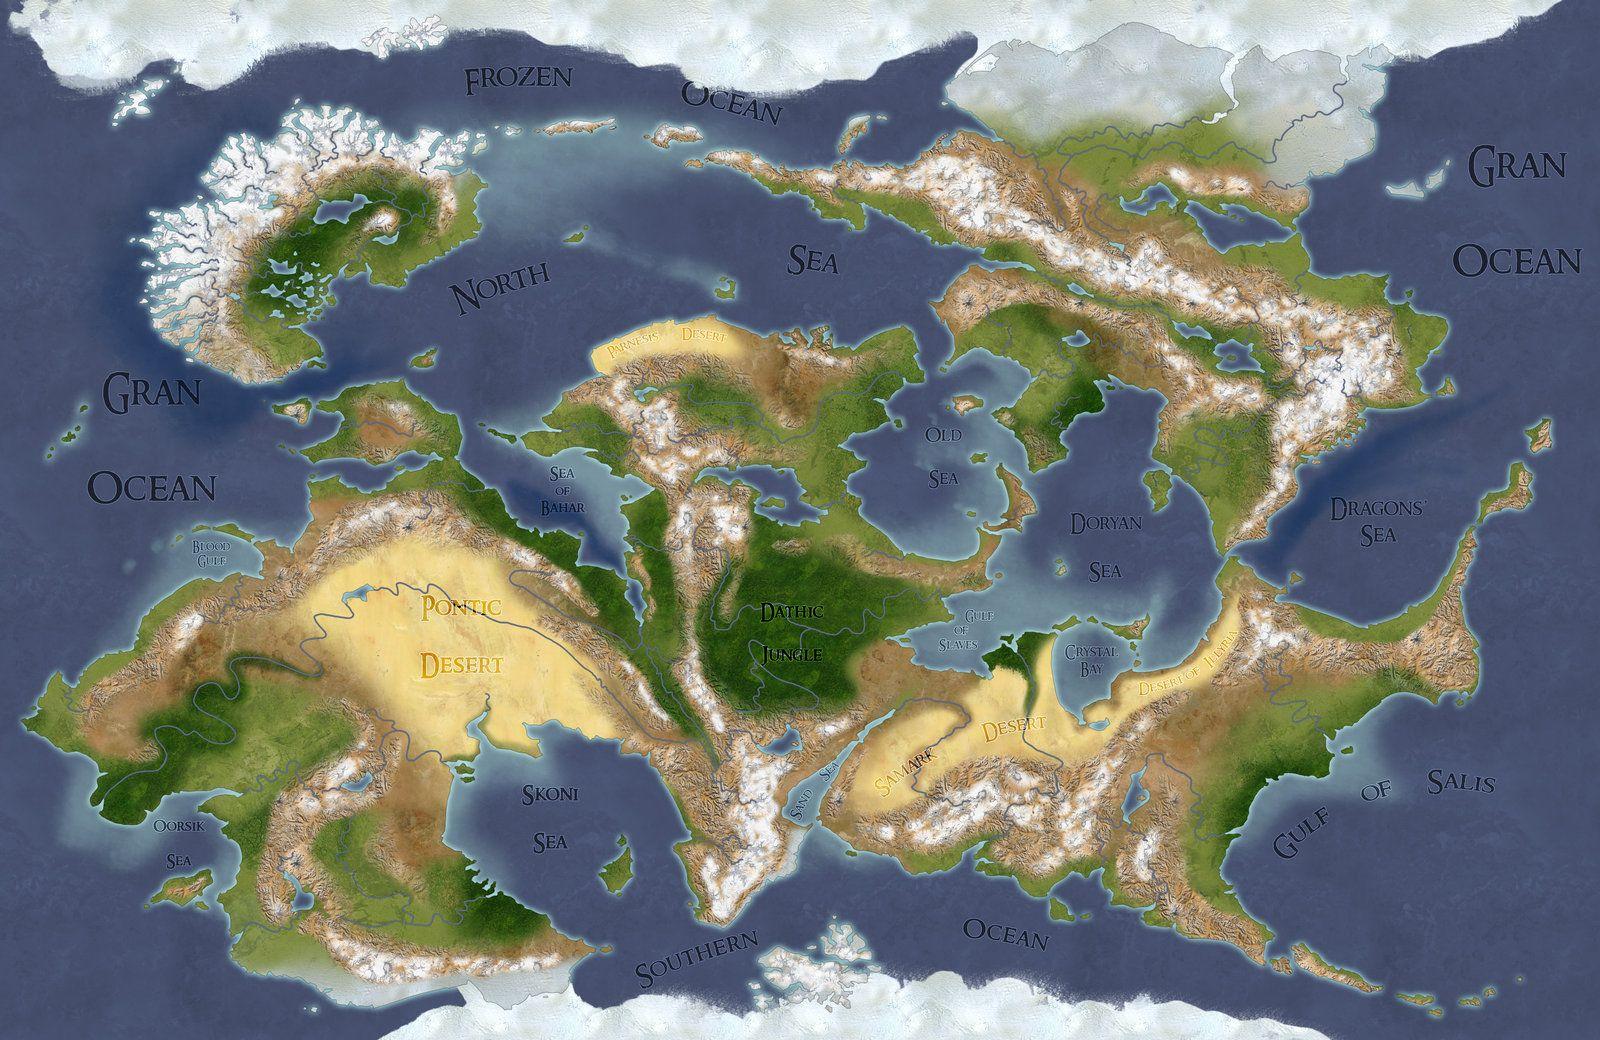 World Map Maker D&D Original Map by gamera1985.deviantart.on @DeviantArt | Fantasy